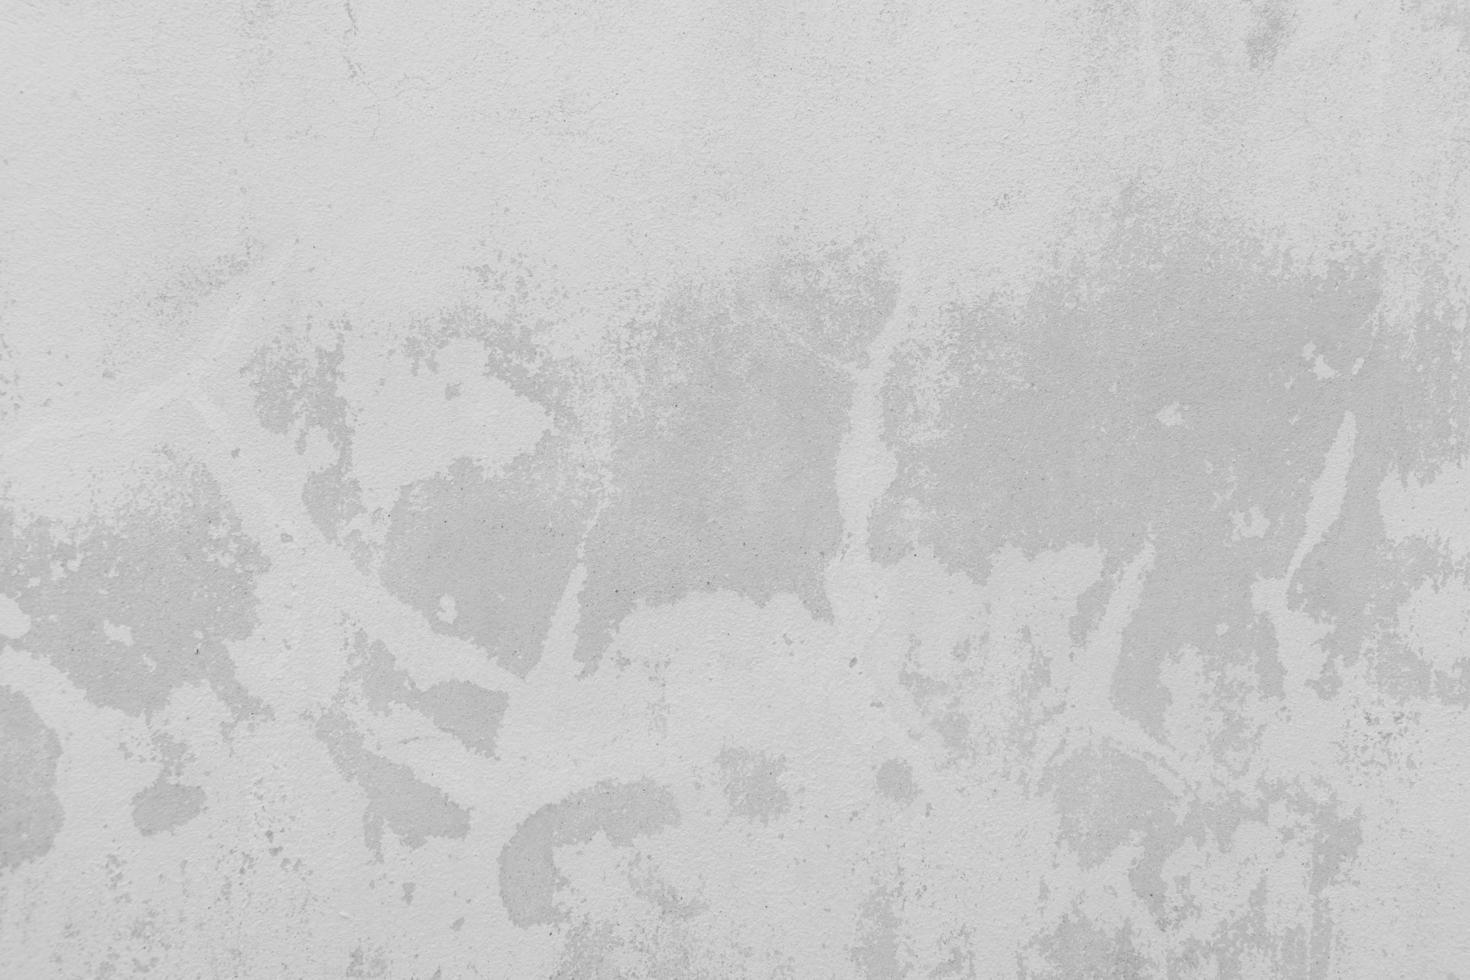 vit betong konsistens foto